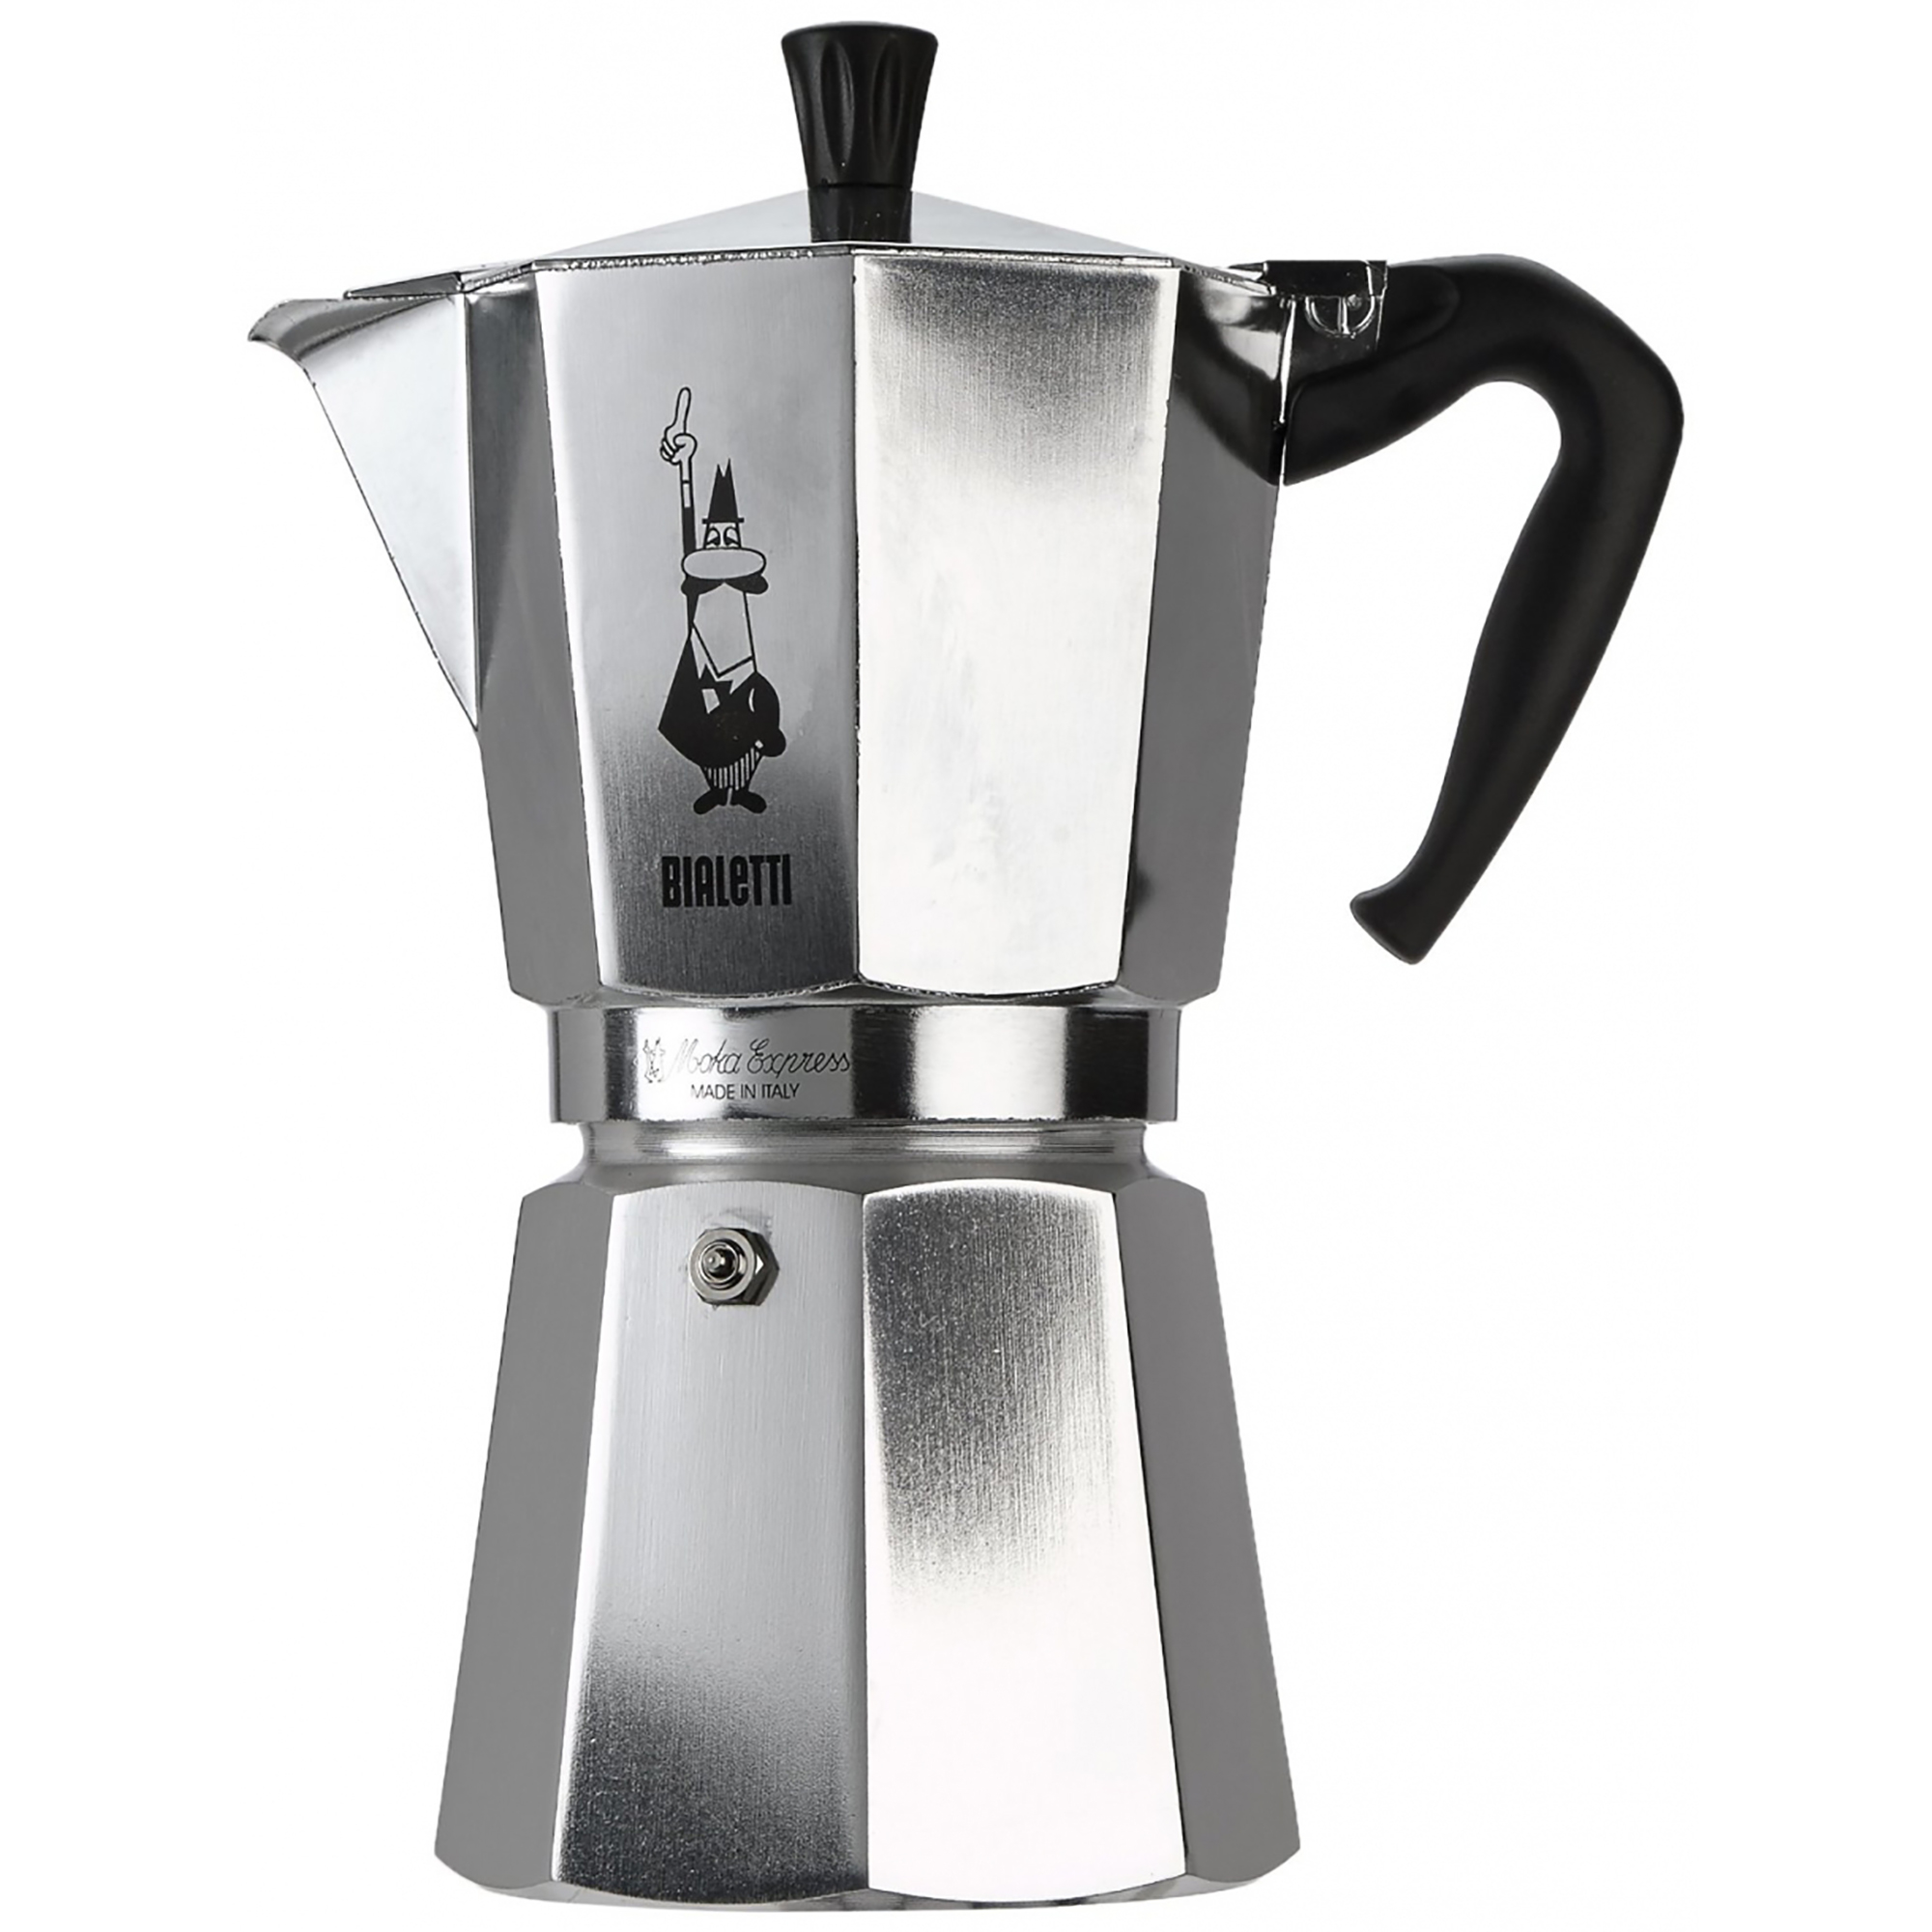 Billede af Moka Express espressokande - 18 kopper